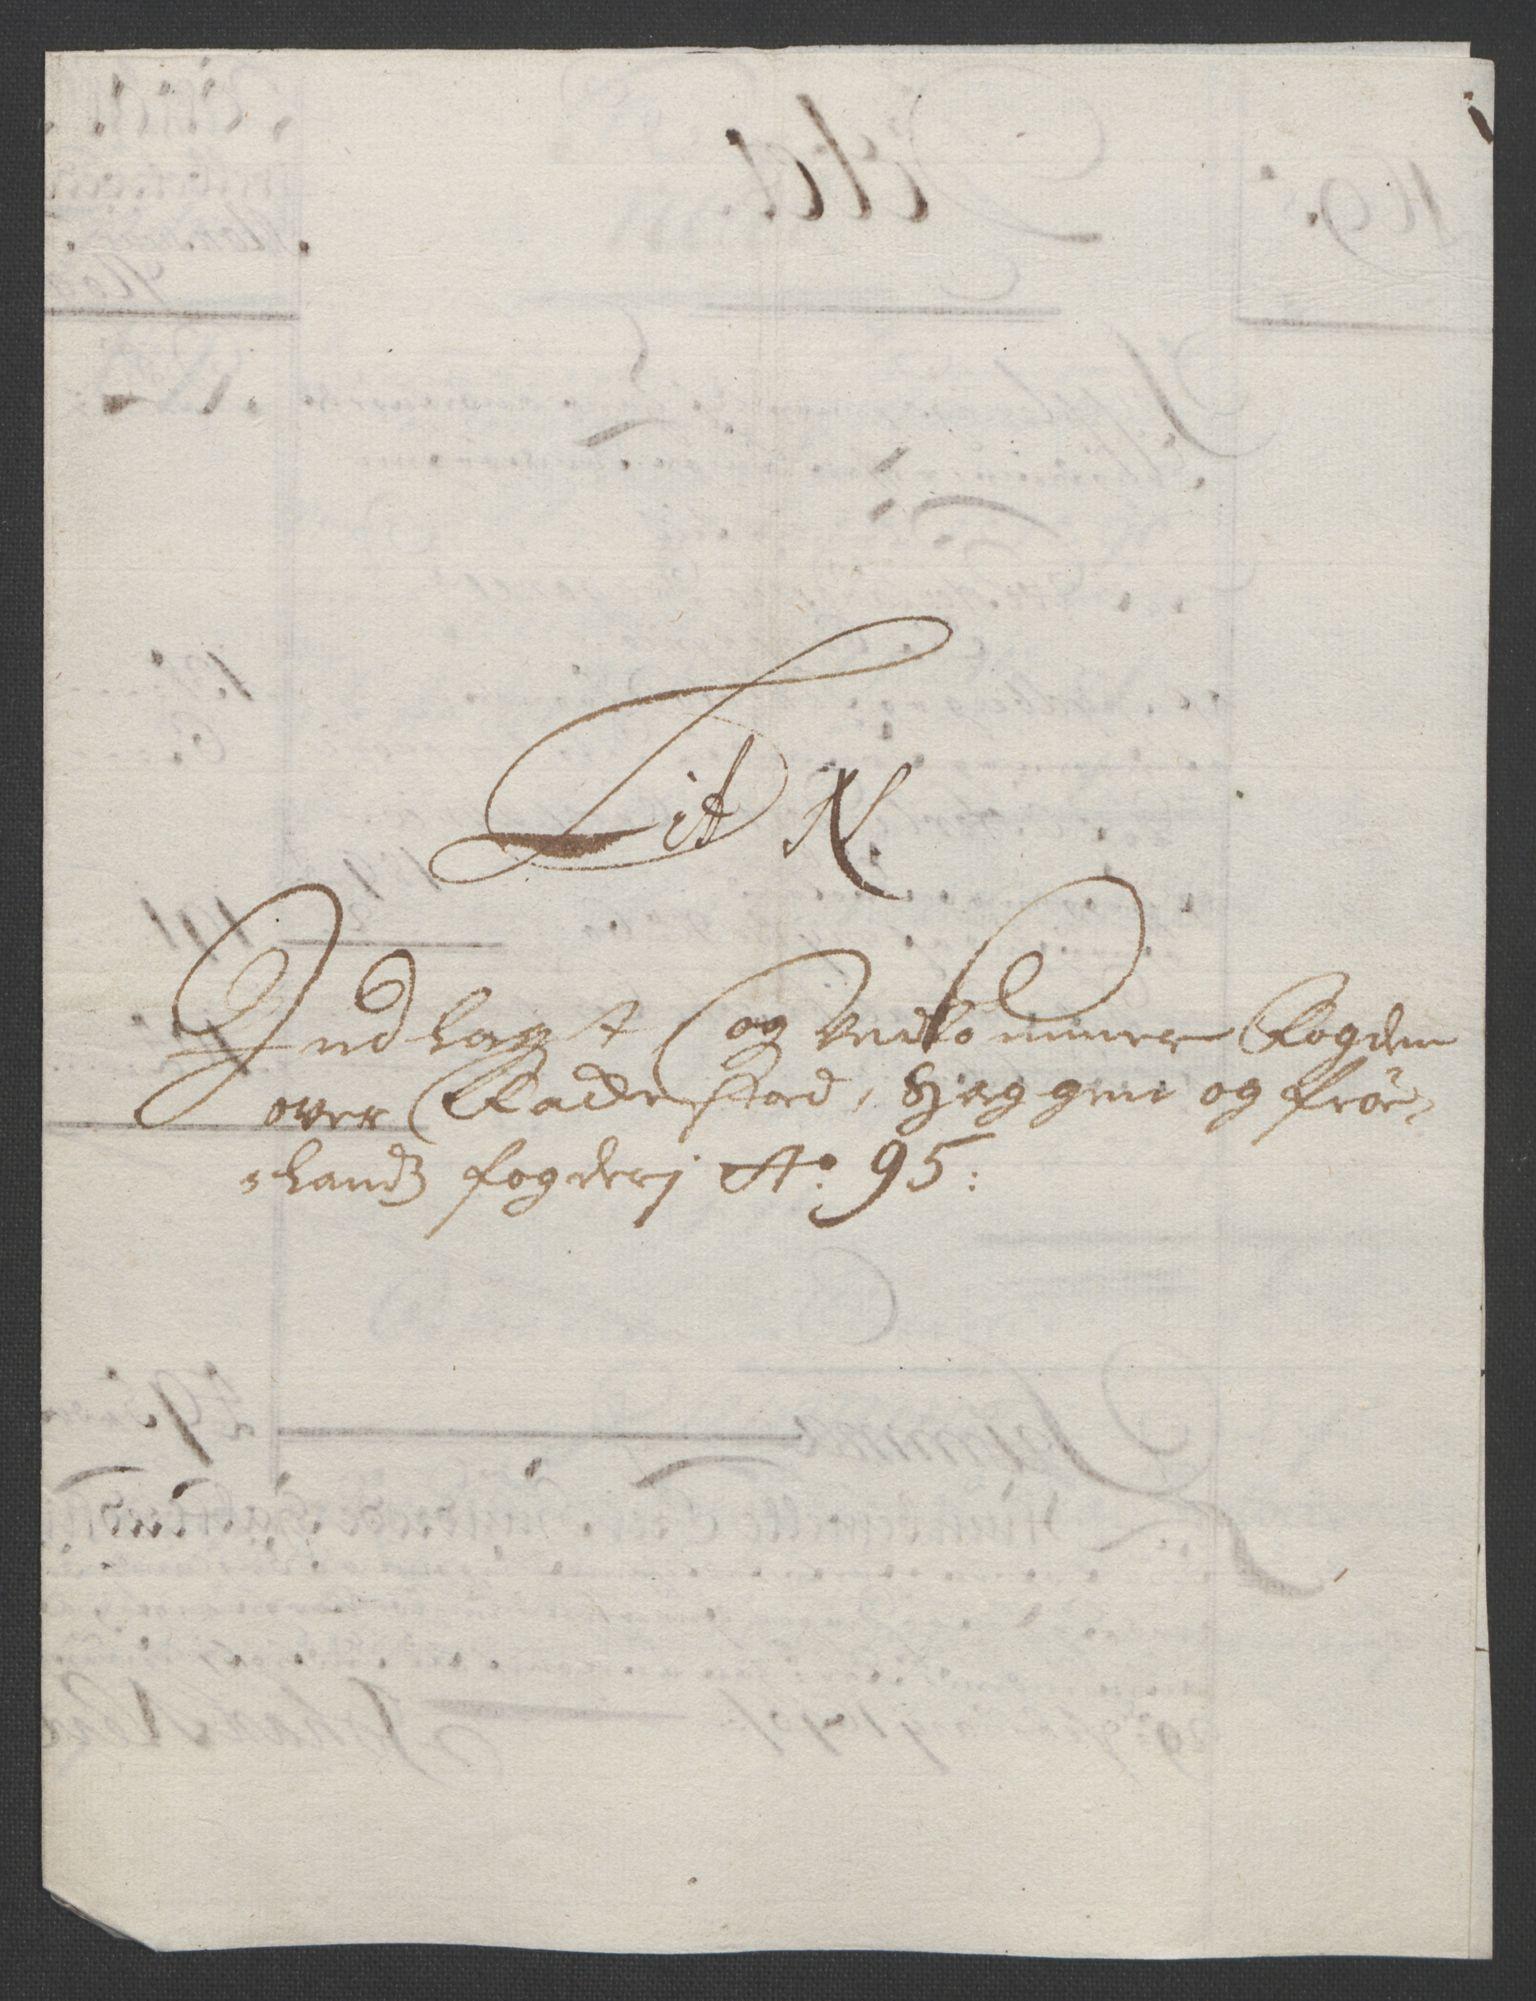 RA, Rentekammeret inntil 1814, Reviderte regnskaper, Fogderegnskap, R07/L0285: Fogderegnskap Rakkestad, Heggen og Frøland, 1695, s. 299